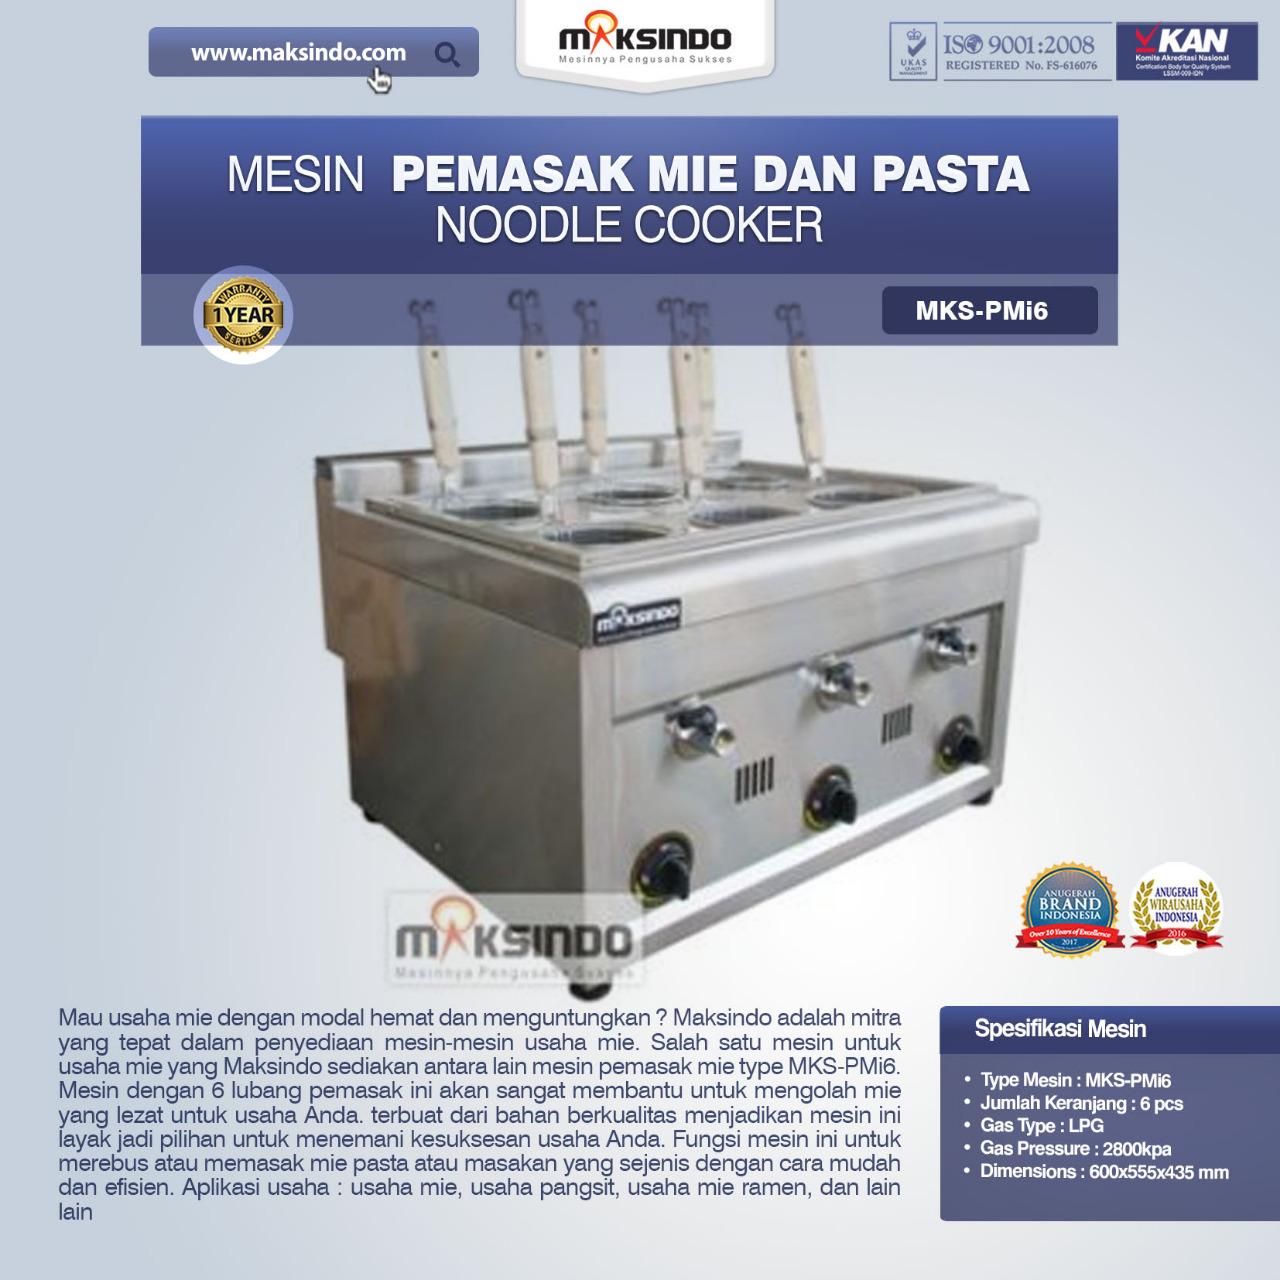 Jual Noodle Cooker (Pemasak Mie Dan Pasta) MKS-PMI6 di Bandung